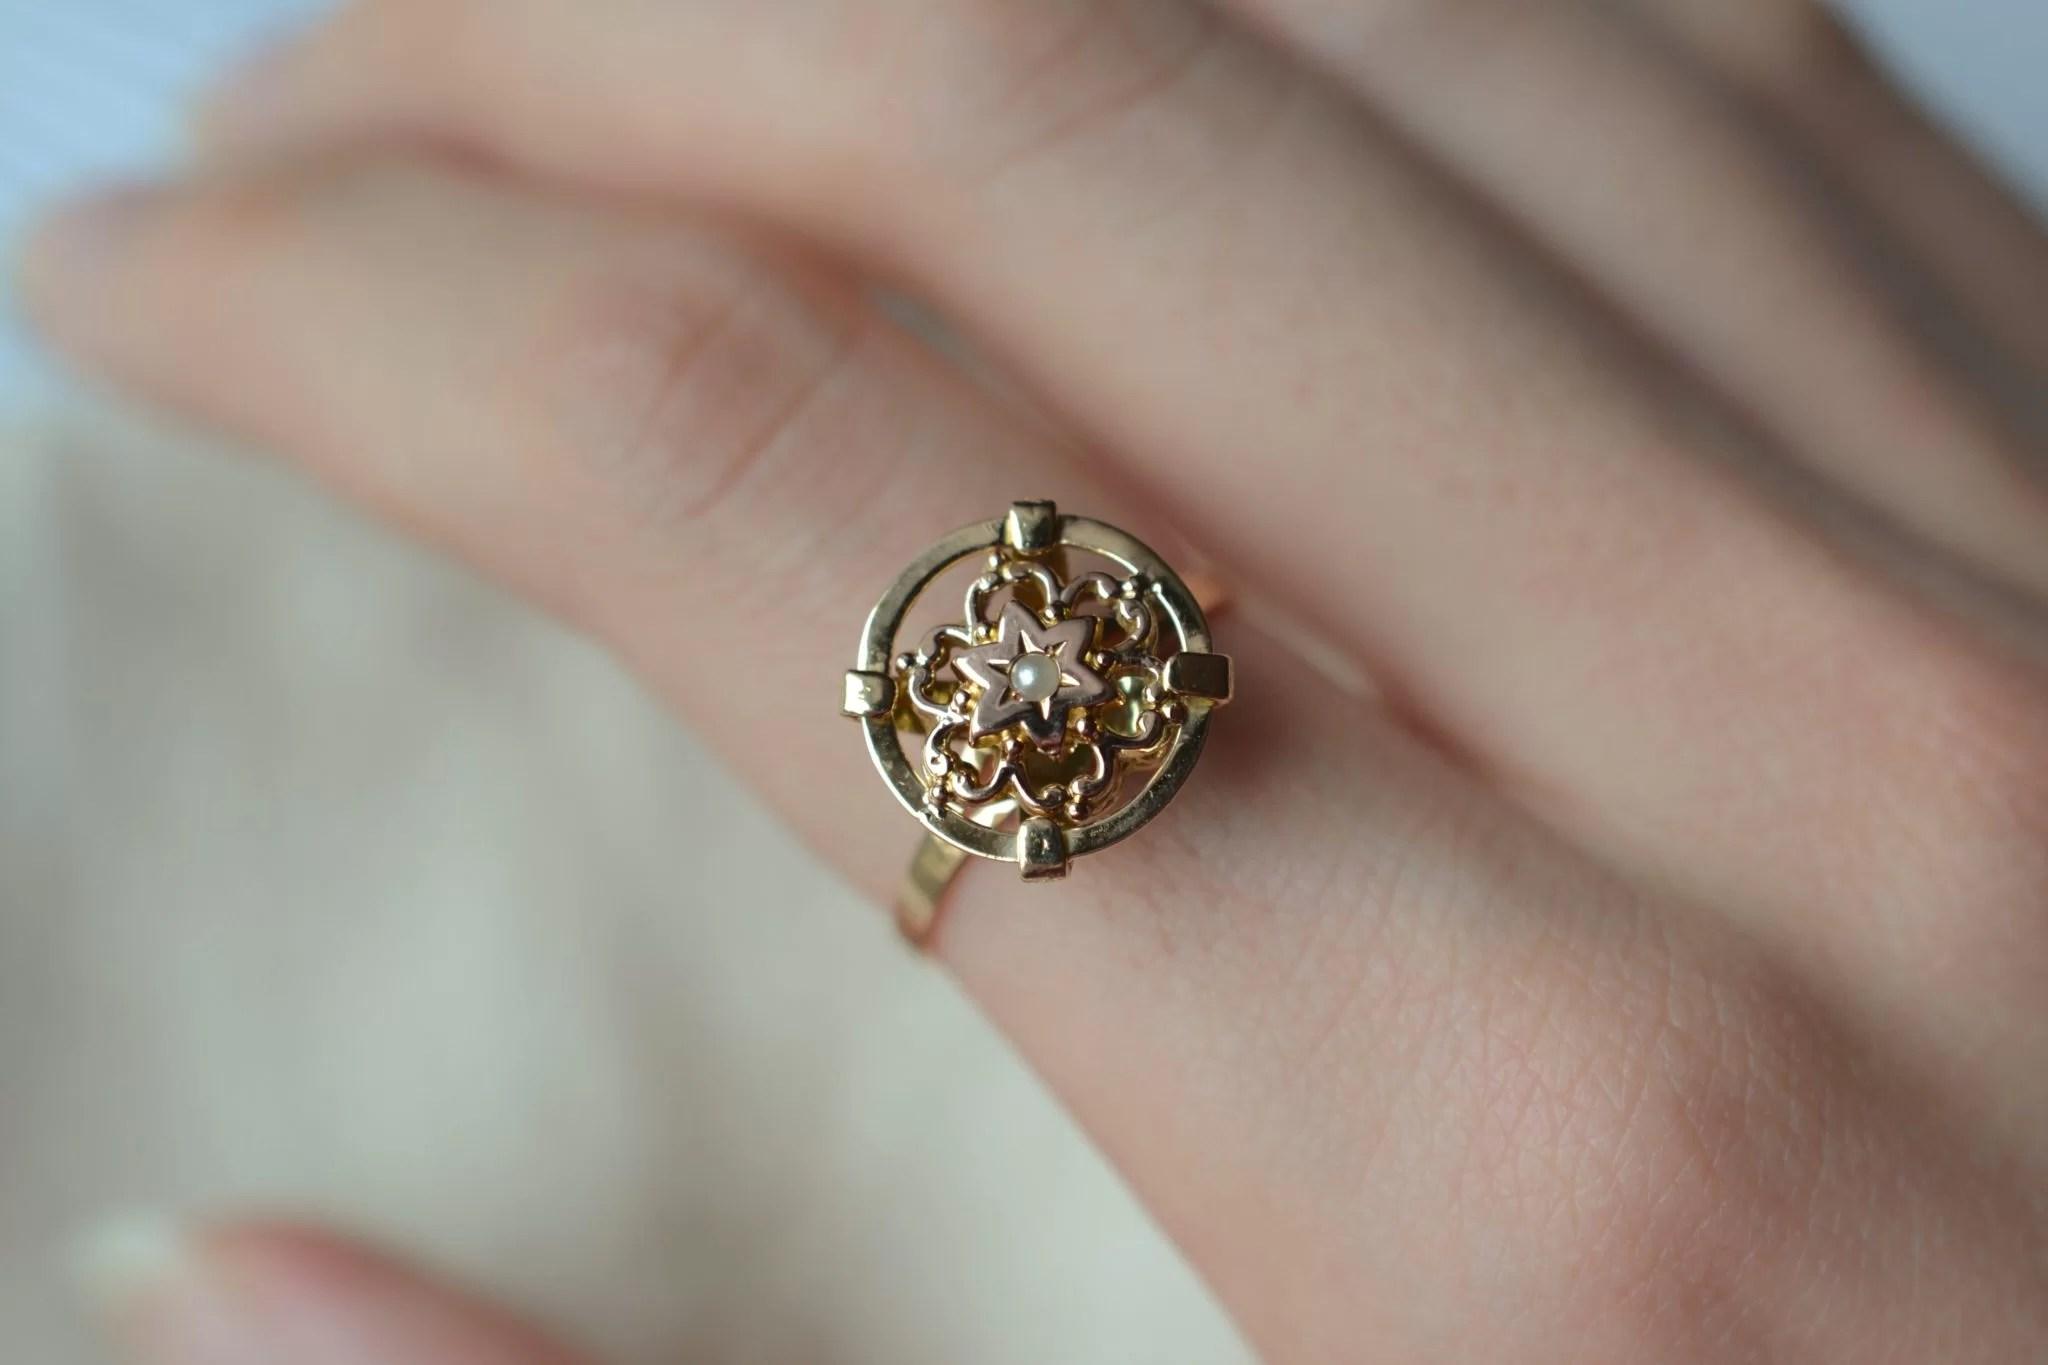 Bague en Or jaune ornée d_une demi-perle de culture sur un plateau en forme de disque, décoré d_un motif fleuri en Or rose - bague éthique